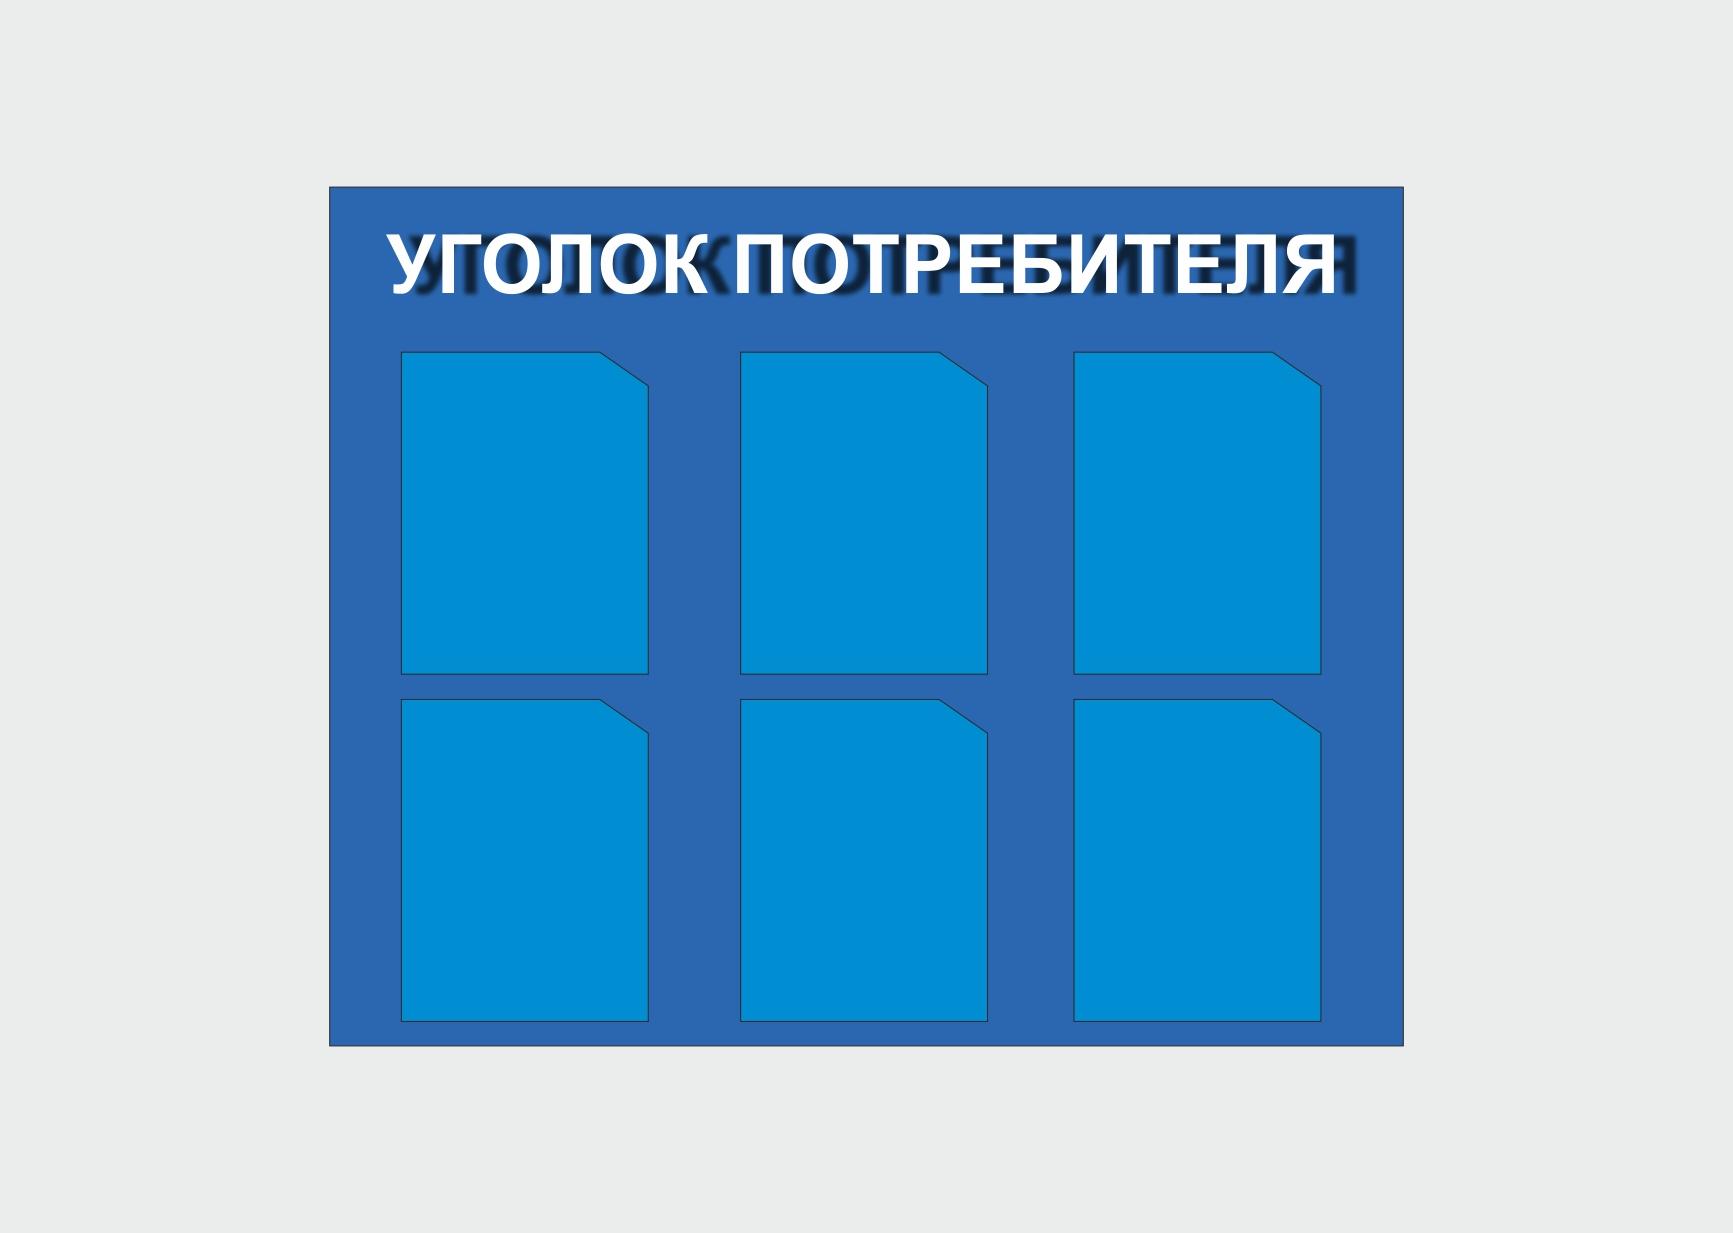 УГОЛОК ПОТРЕБИТЕЛЯ 4000р